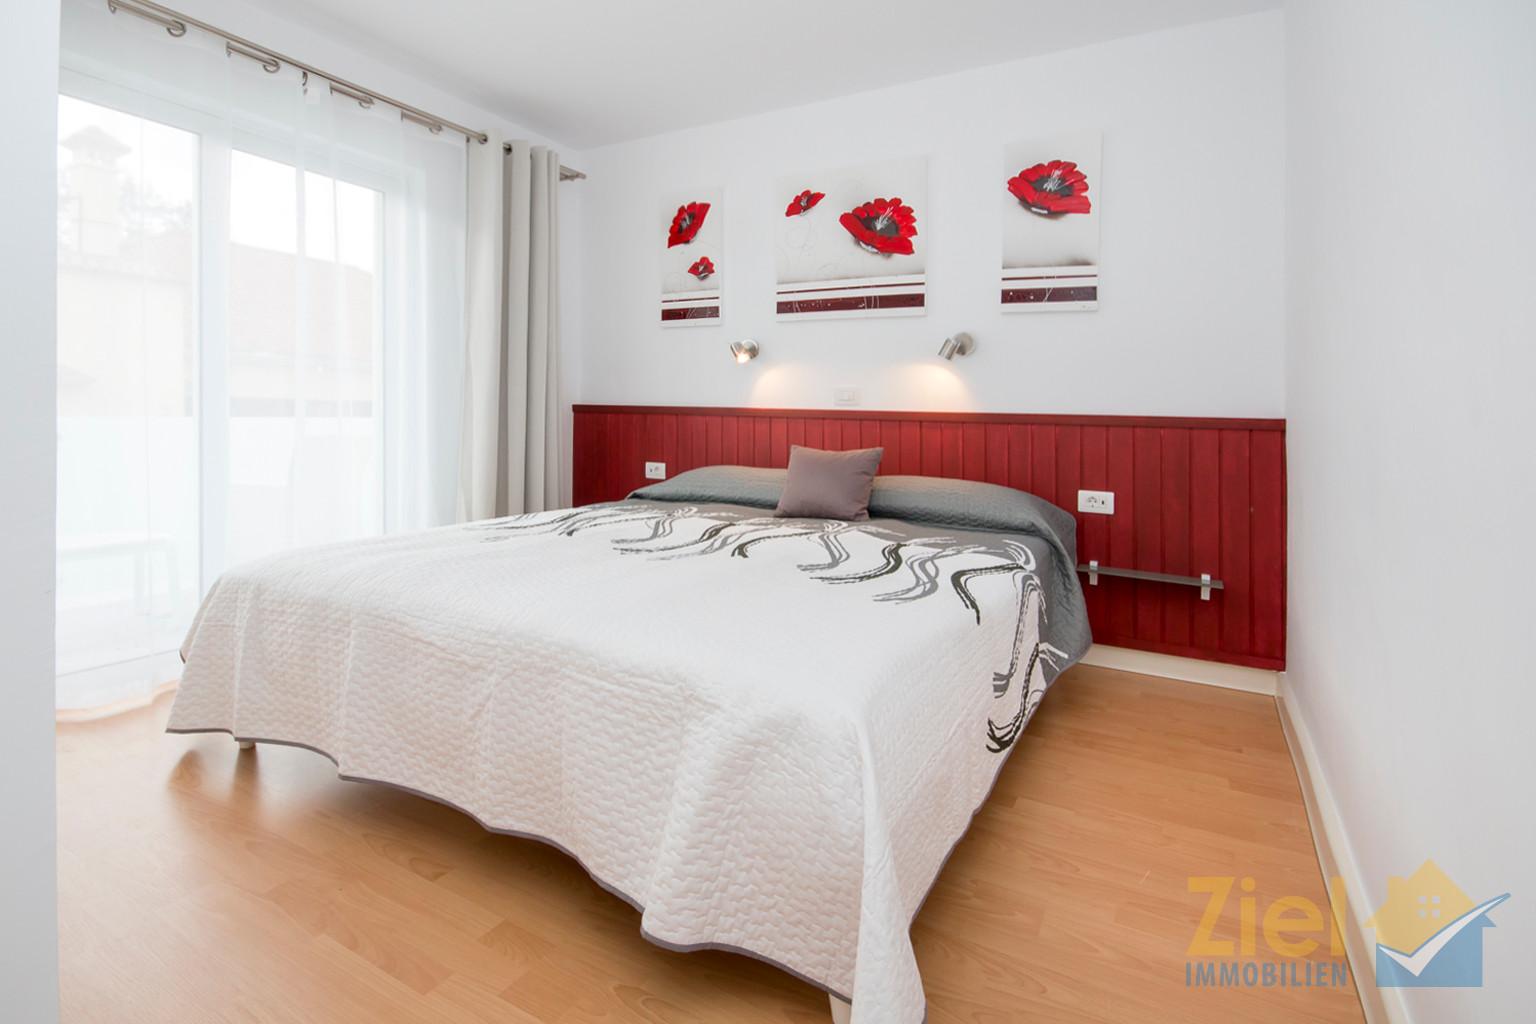 Schlafzimmer mit grossem Einbauschrank